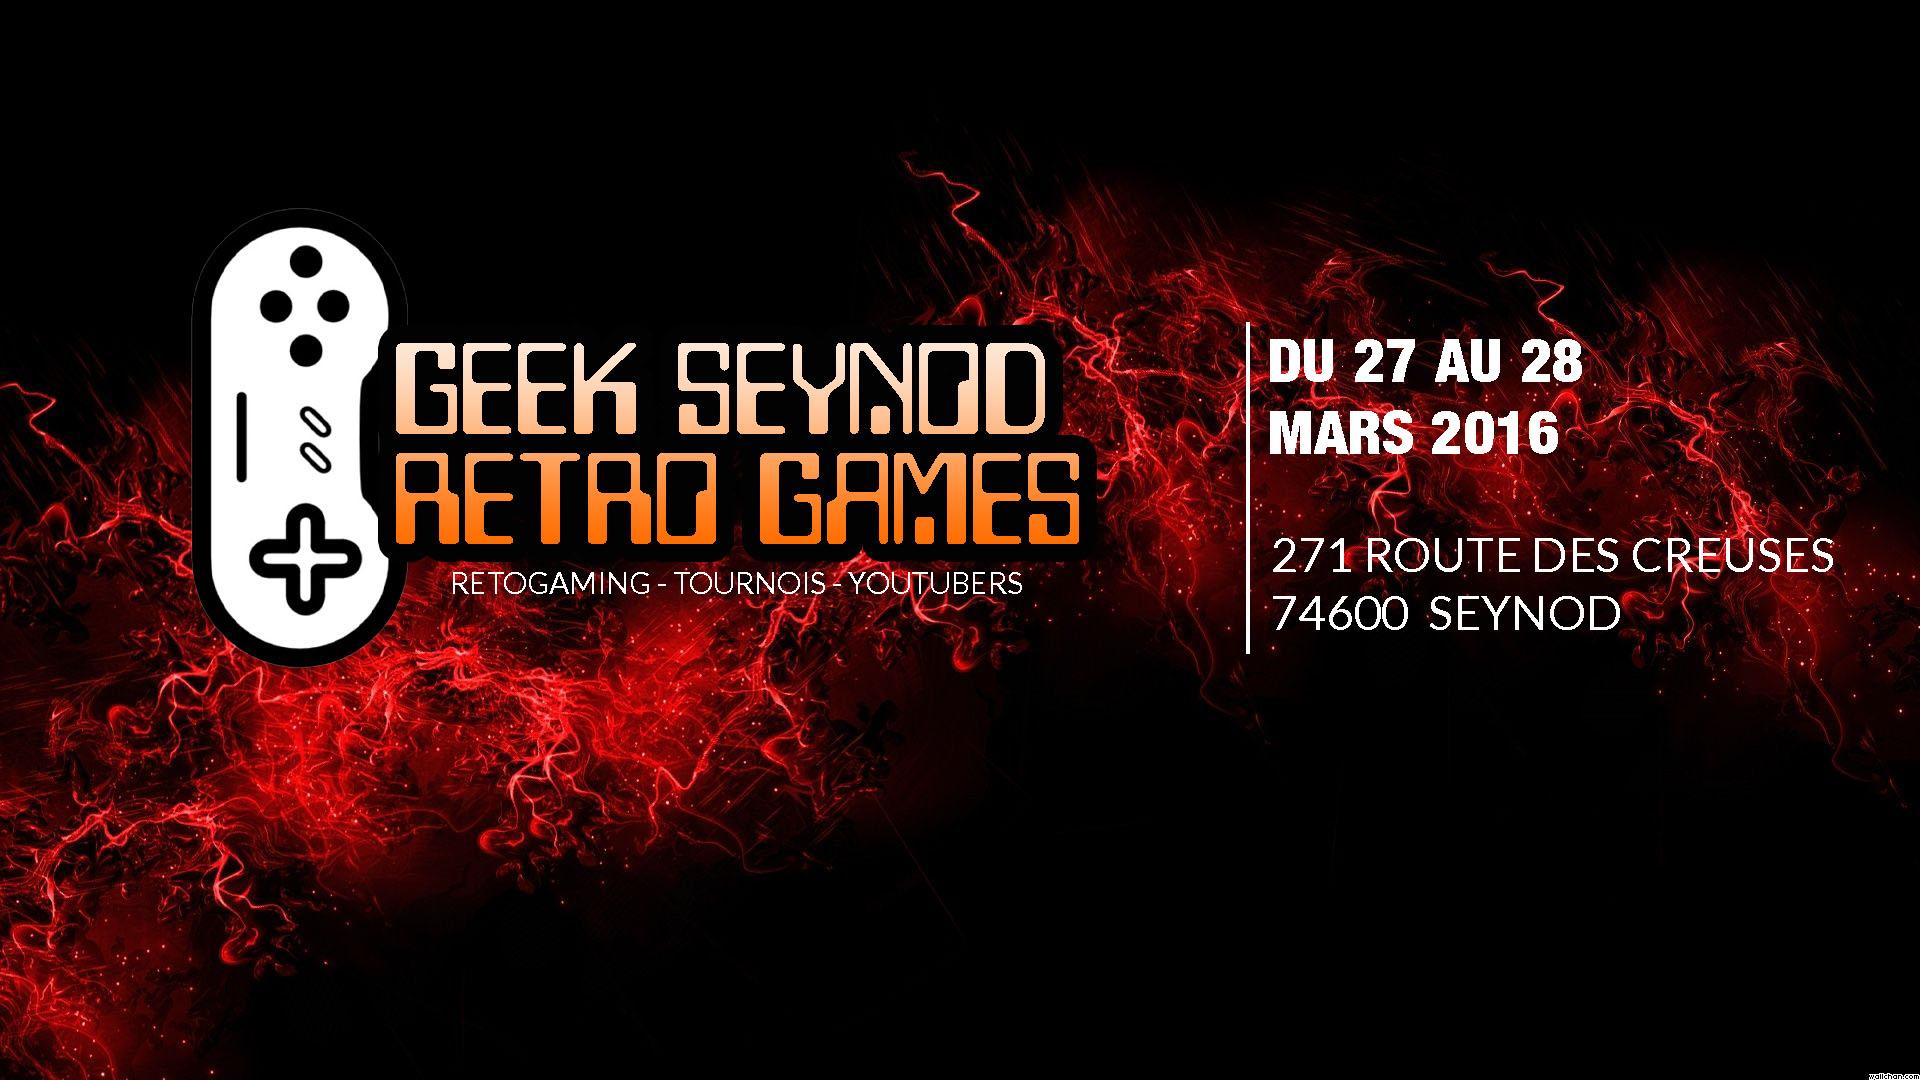 Geek Seynod Retro Game #1